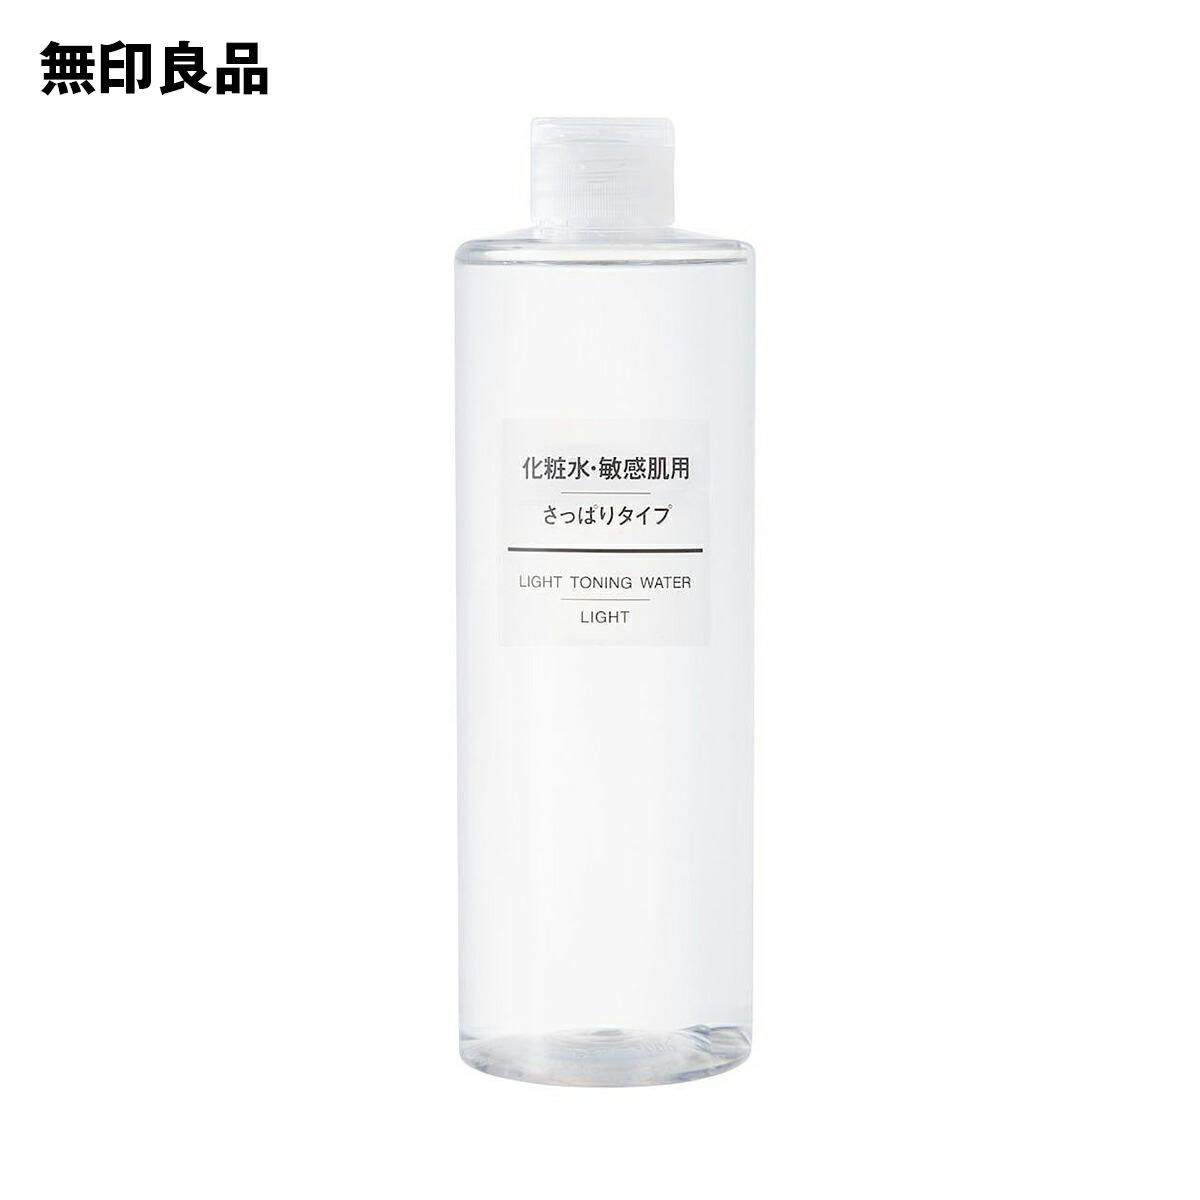 化粧水・敏感肌用・さっぱりタイプ(大容量)400ml